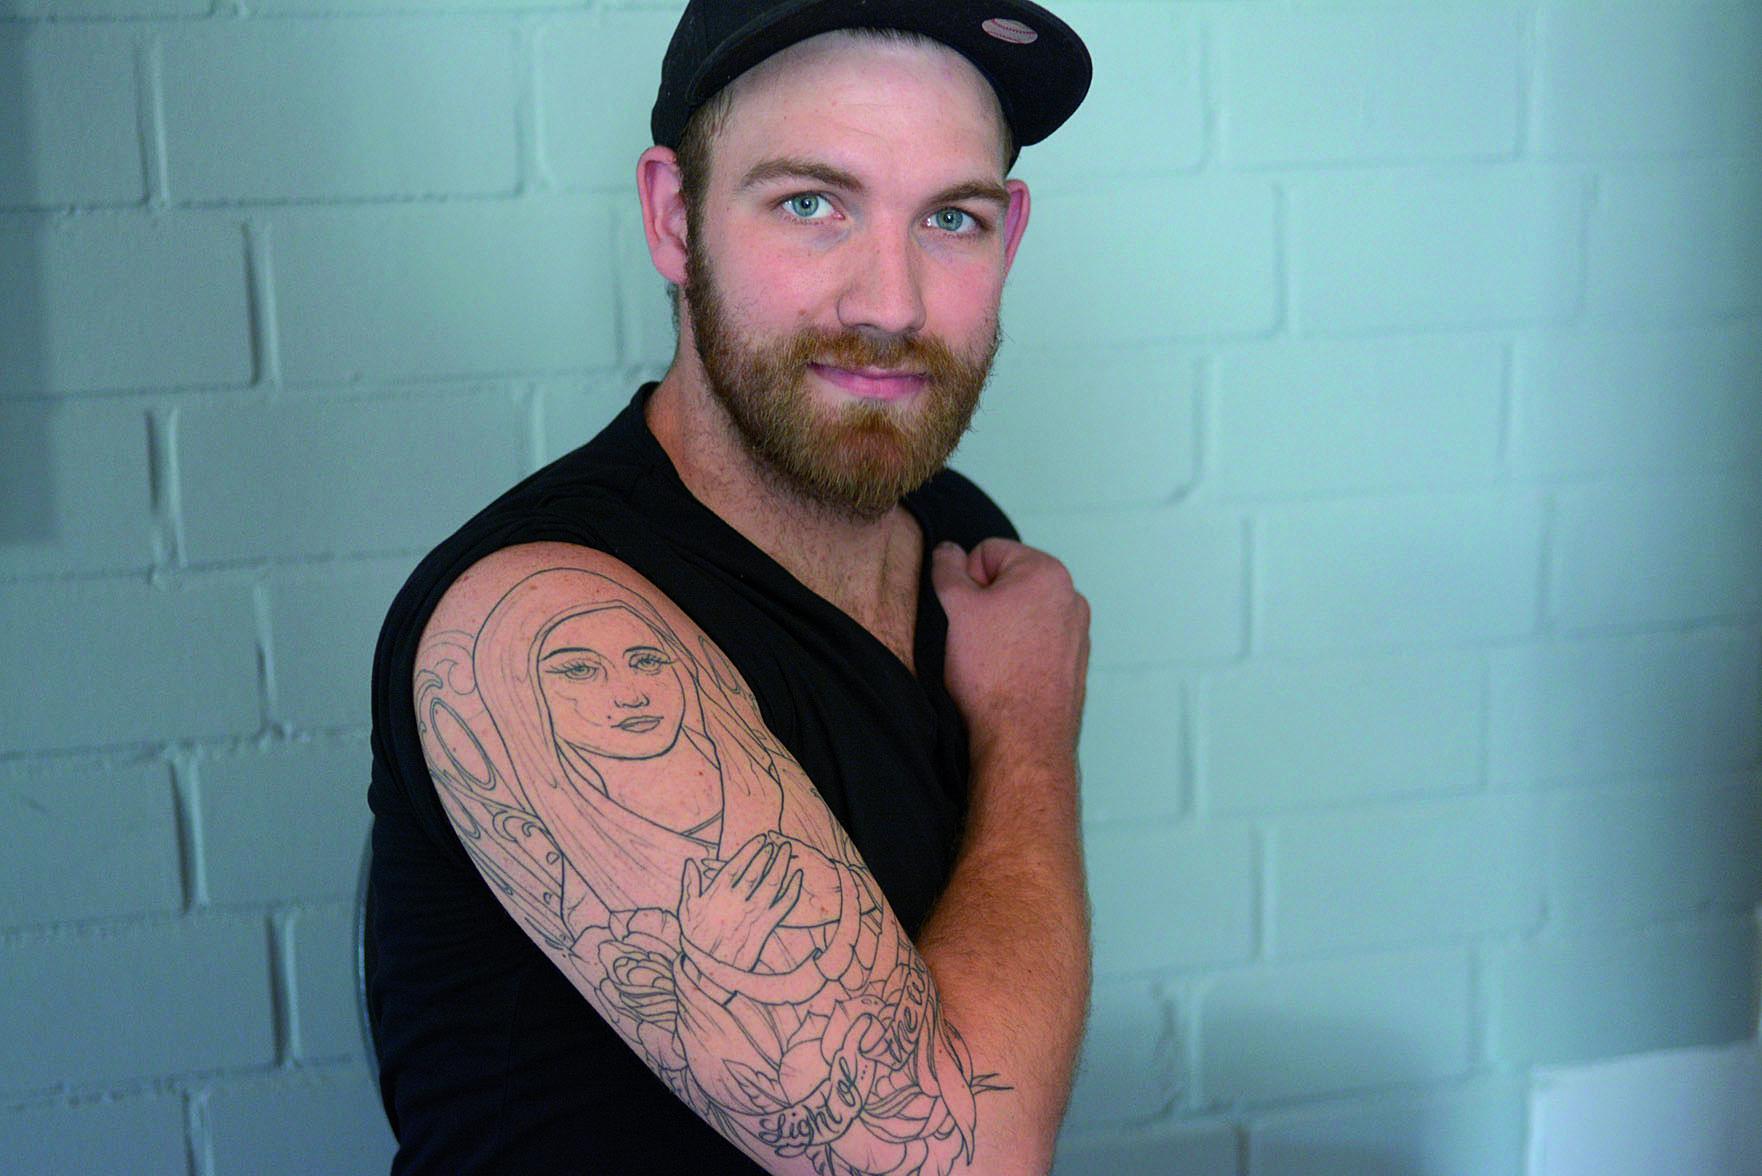 Verstorbenen vater erinnerung tattoo 19 Tattoos